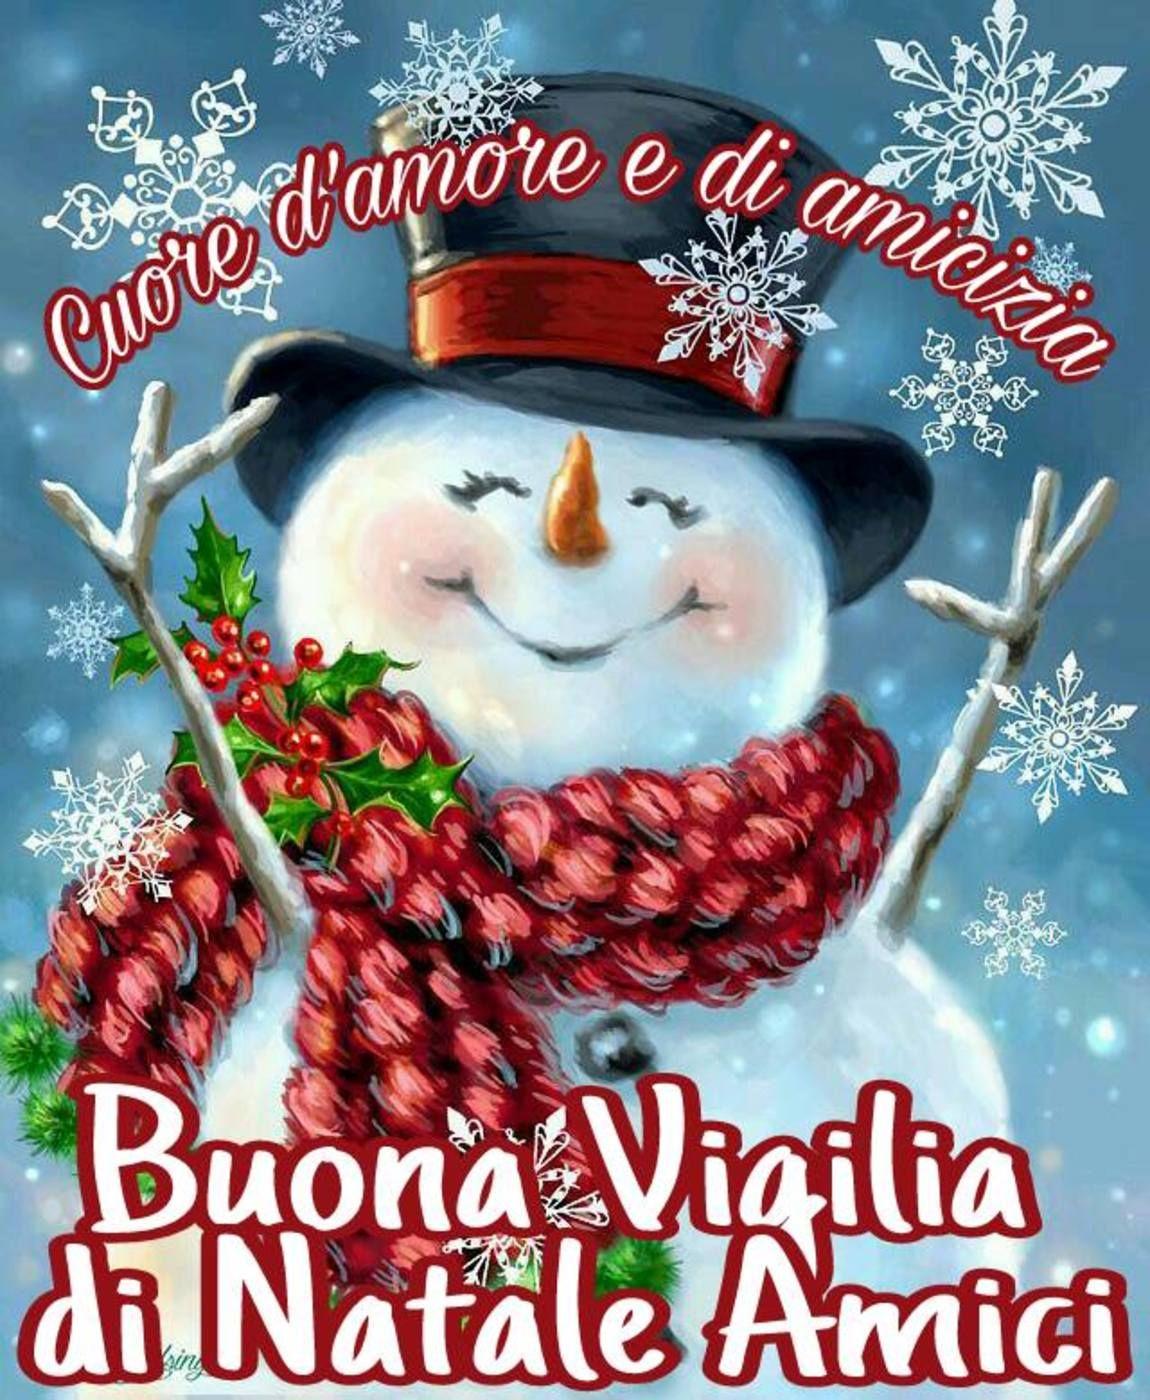 Frasi Per Augurare Buona Vigilia Di Natale.Buona Vigilia Di Natale 2 Christmas Wishes Christmas Christmas Ornaments